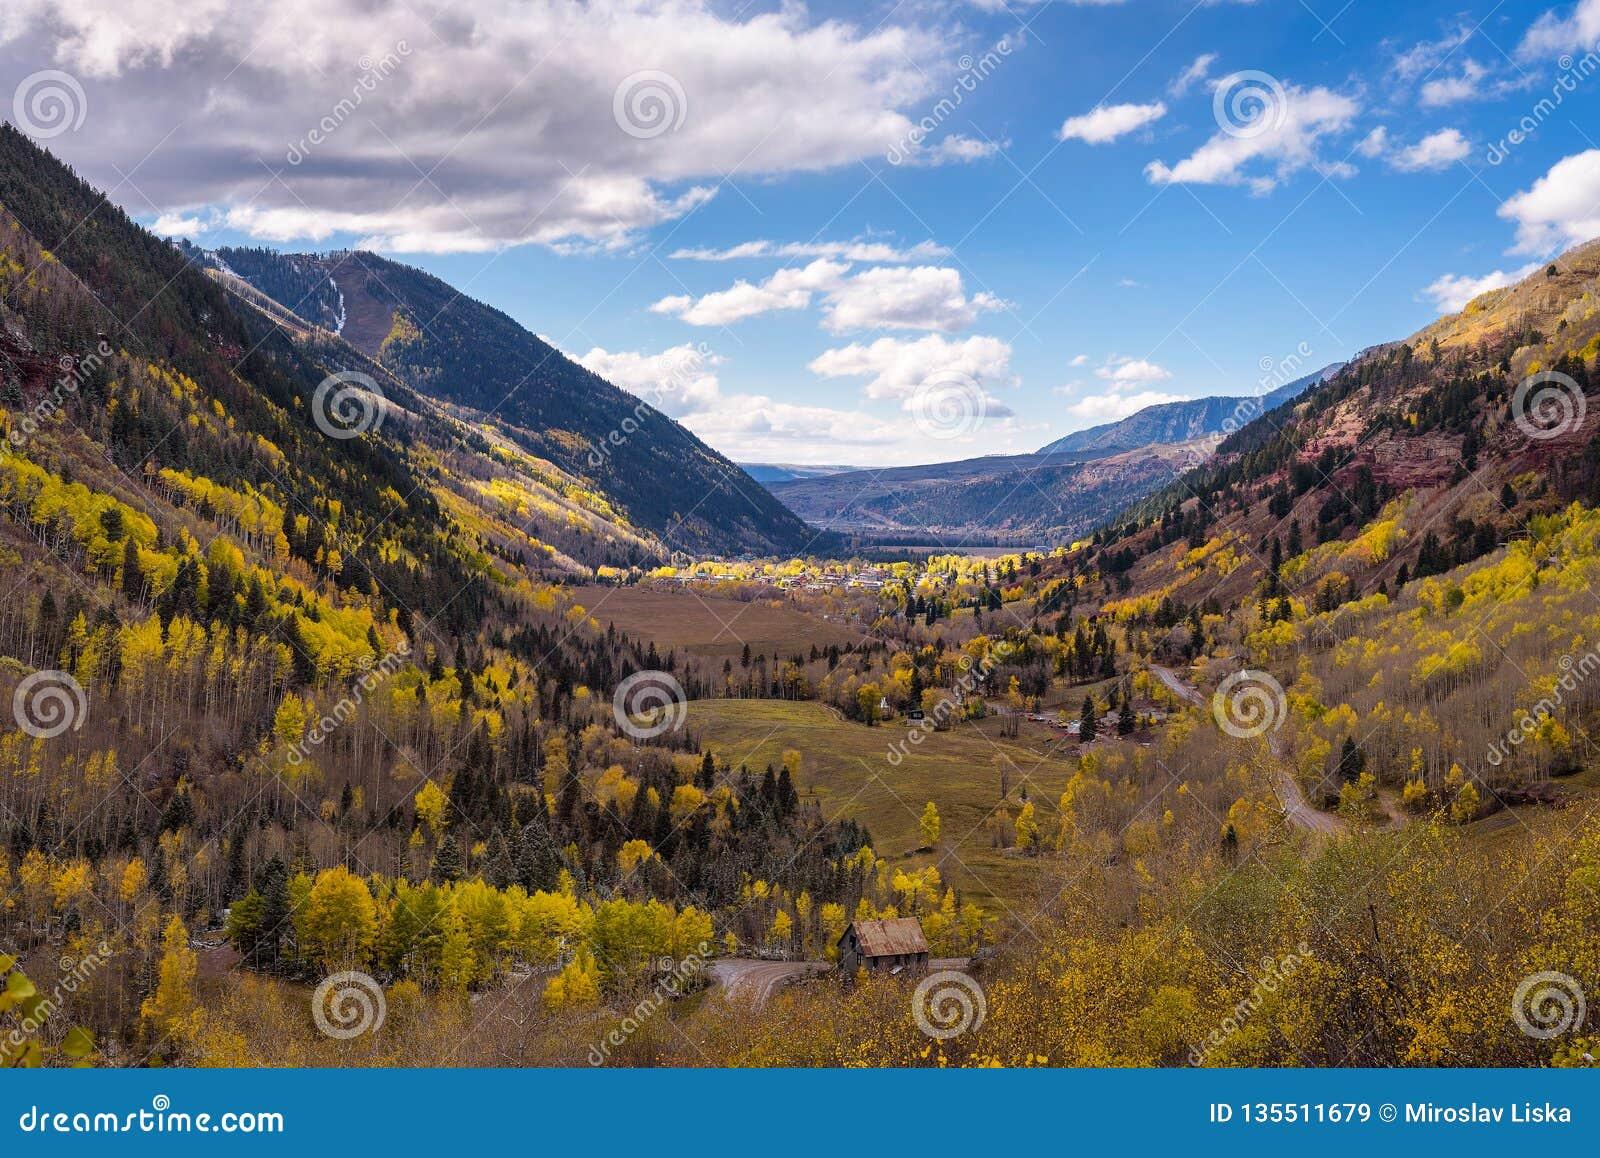 Aerial view of Telluride, Colorado in autumn